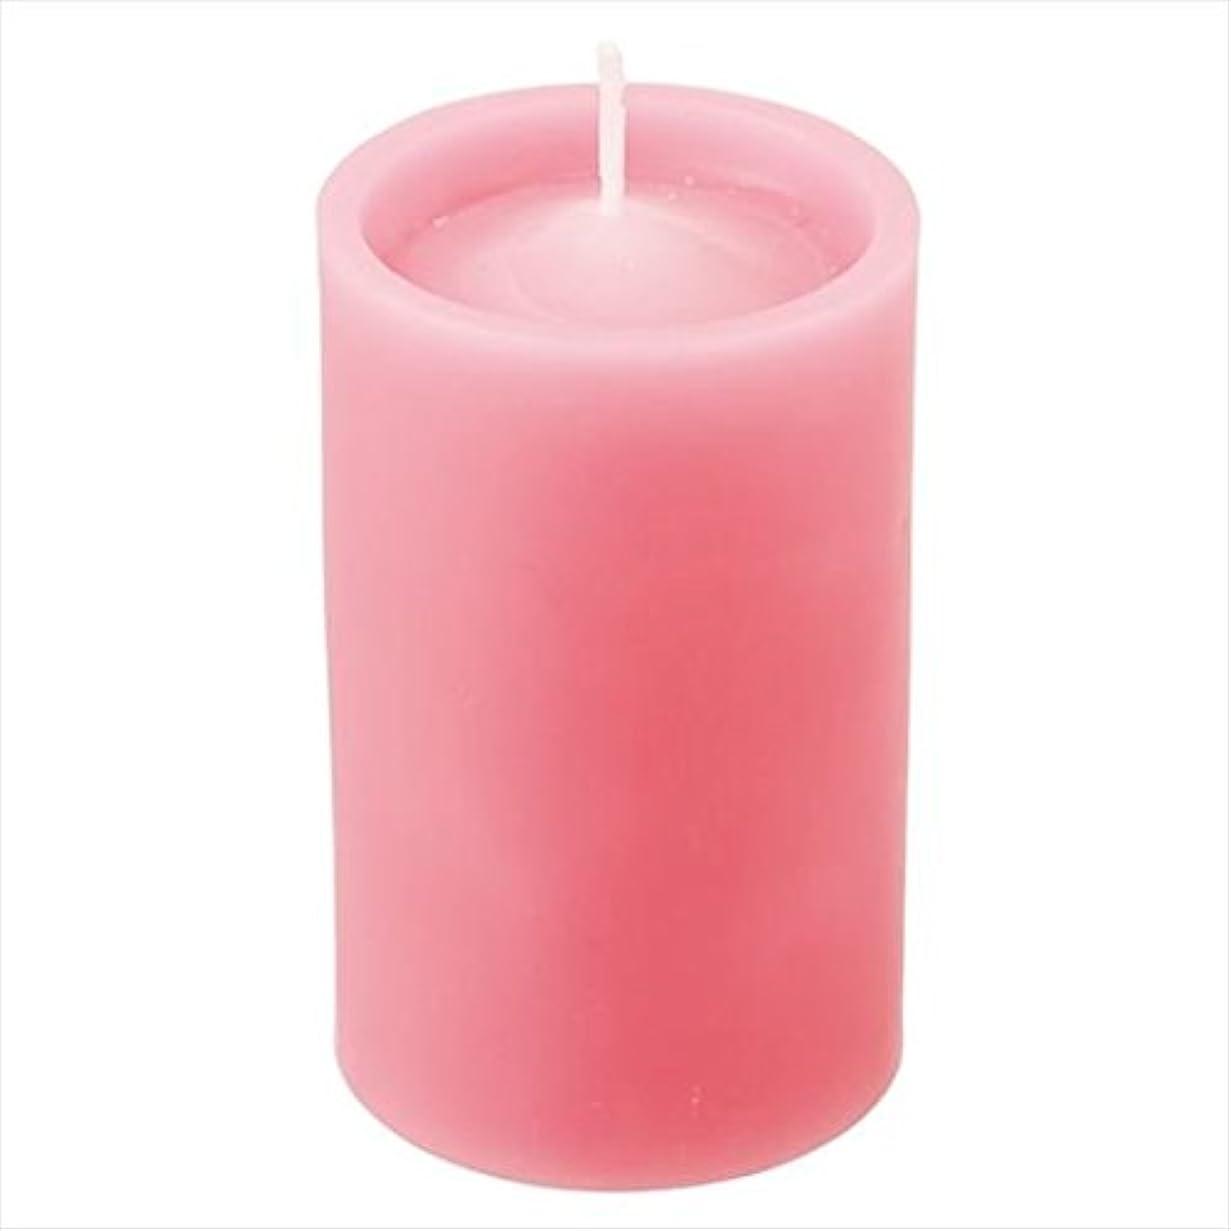 kameyama candle(カメヤマキャンドル) ロイヤルラウンド60 「 ダークピンク 」 キャンドル 60x60x100mm (52750000DP)